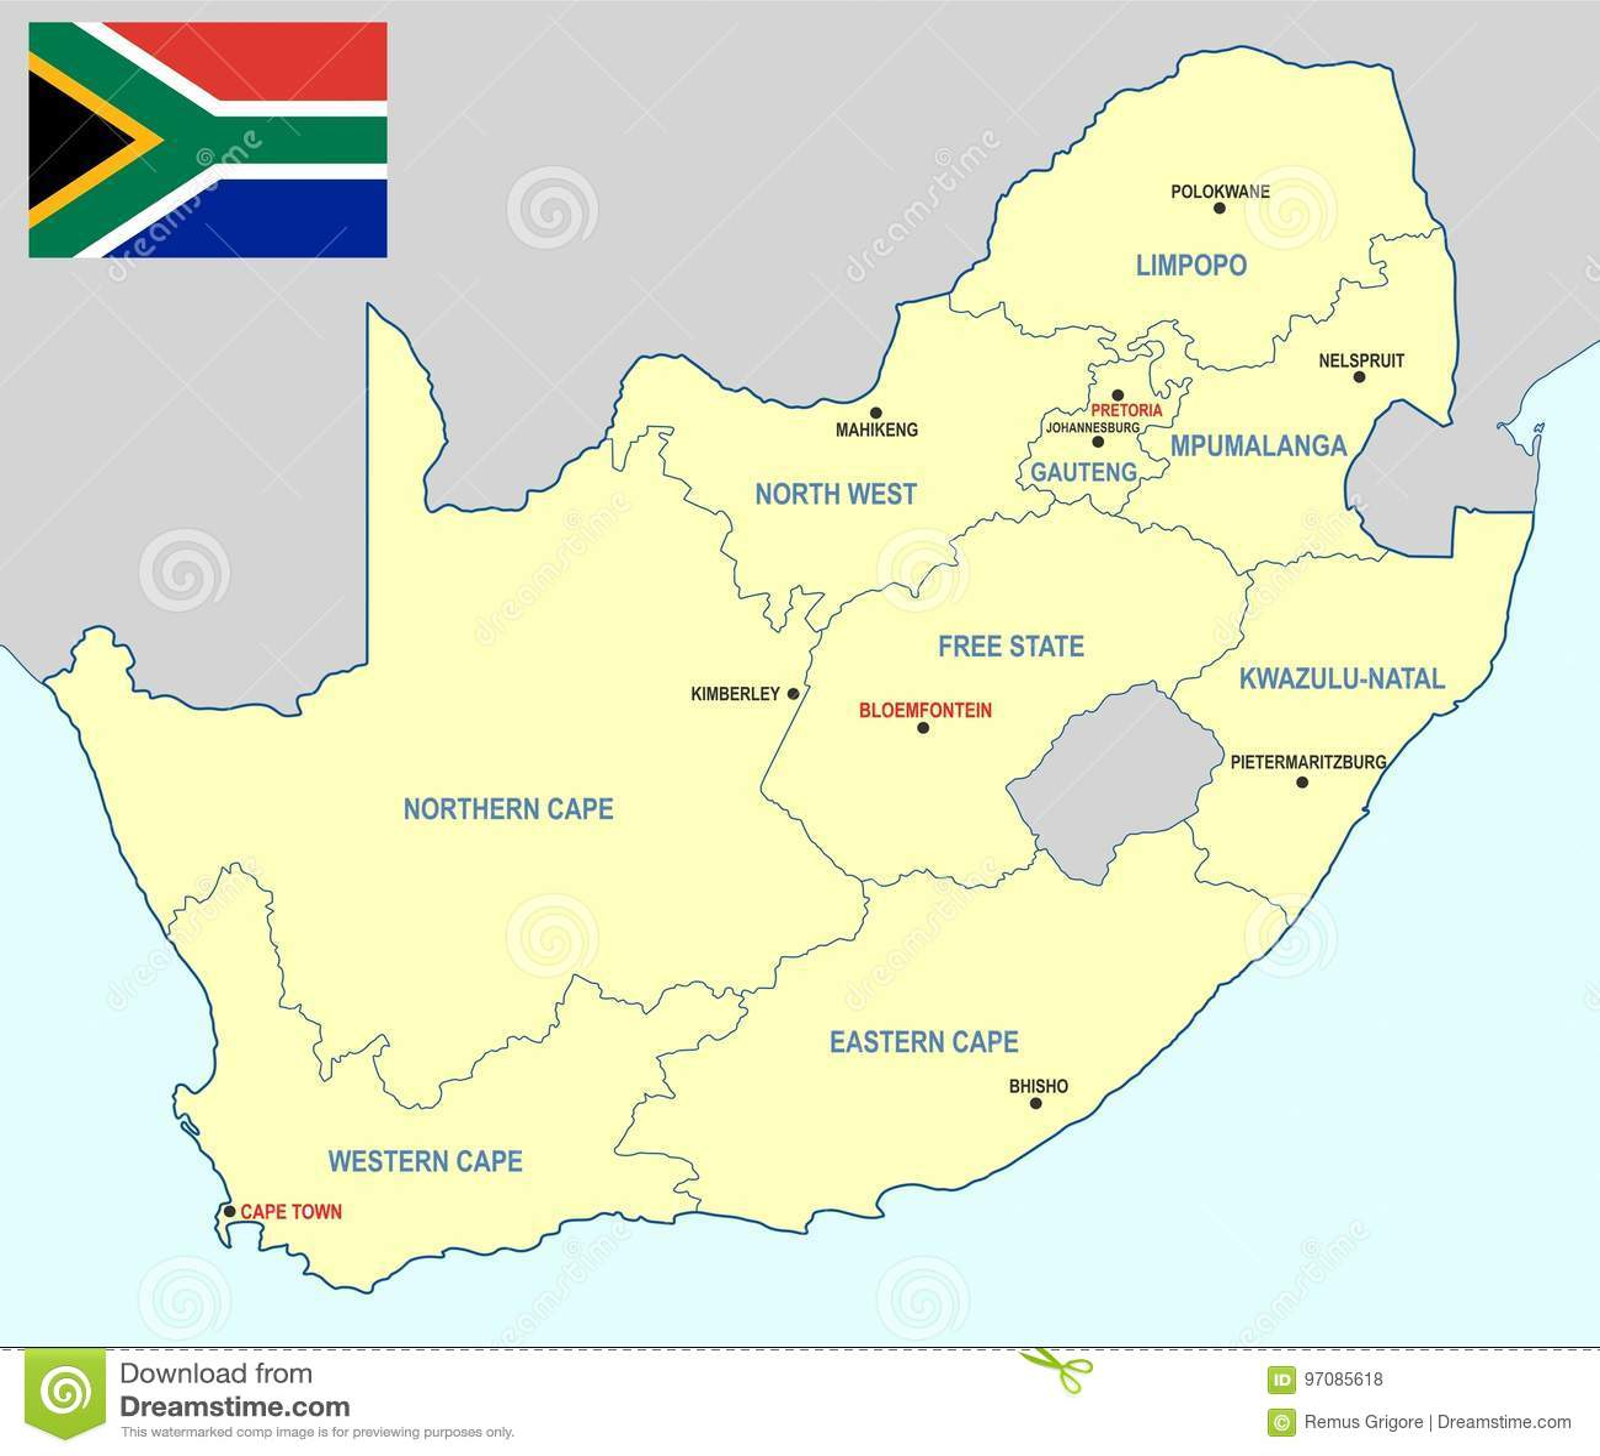 Carte De Lafrique Du Sud Avec Les Villes.Carte De L Afrique Du Sud Format De Cdr Illustration De